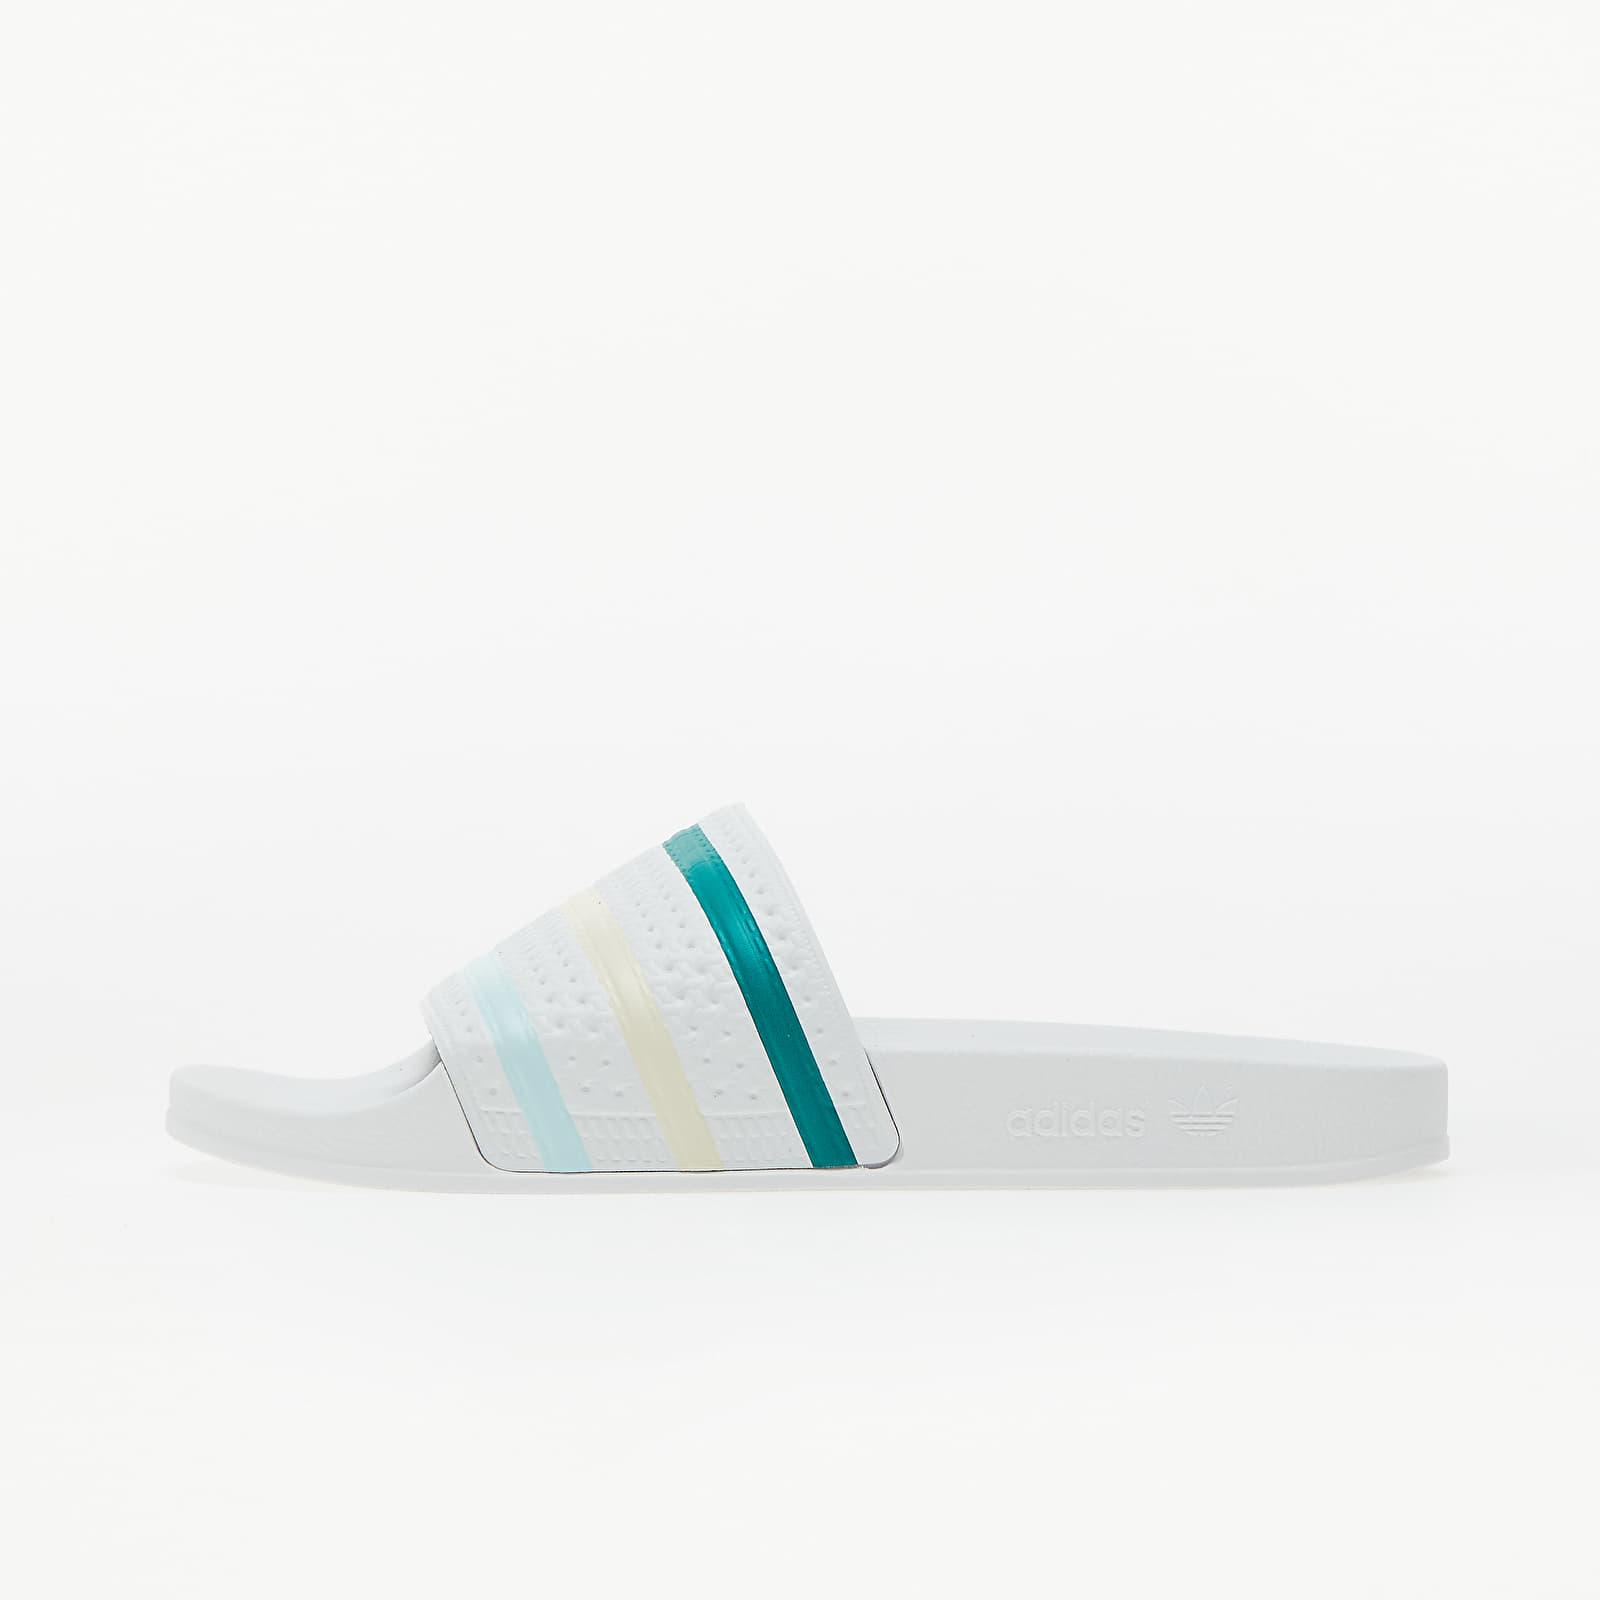 adidas Adilette Ftw White/ Halo Mint/ Worn White EUR 46